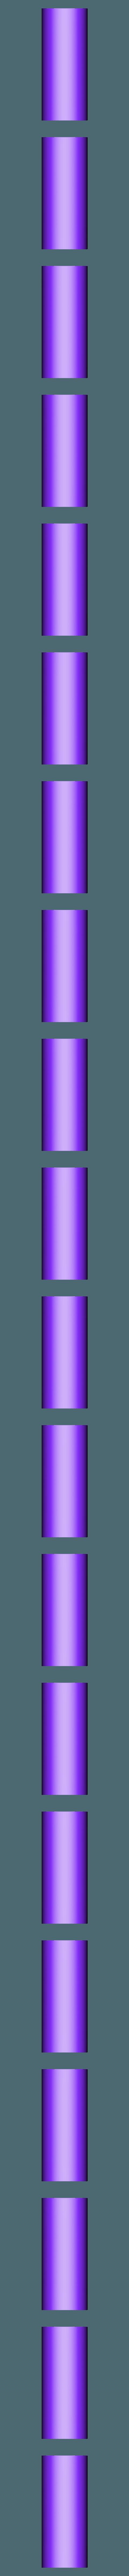 Axle_Gear_Compound_60_20.stl Download free STL file Hummingbird • 3D printing model, gzumwalt